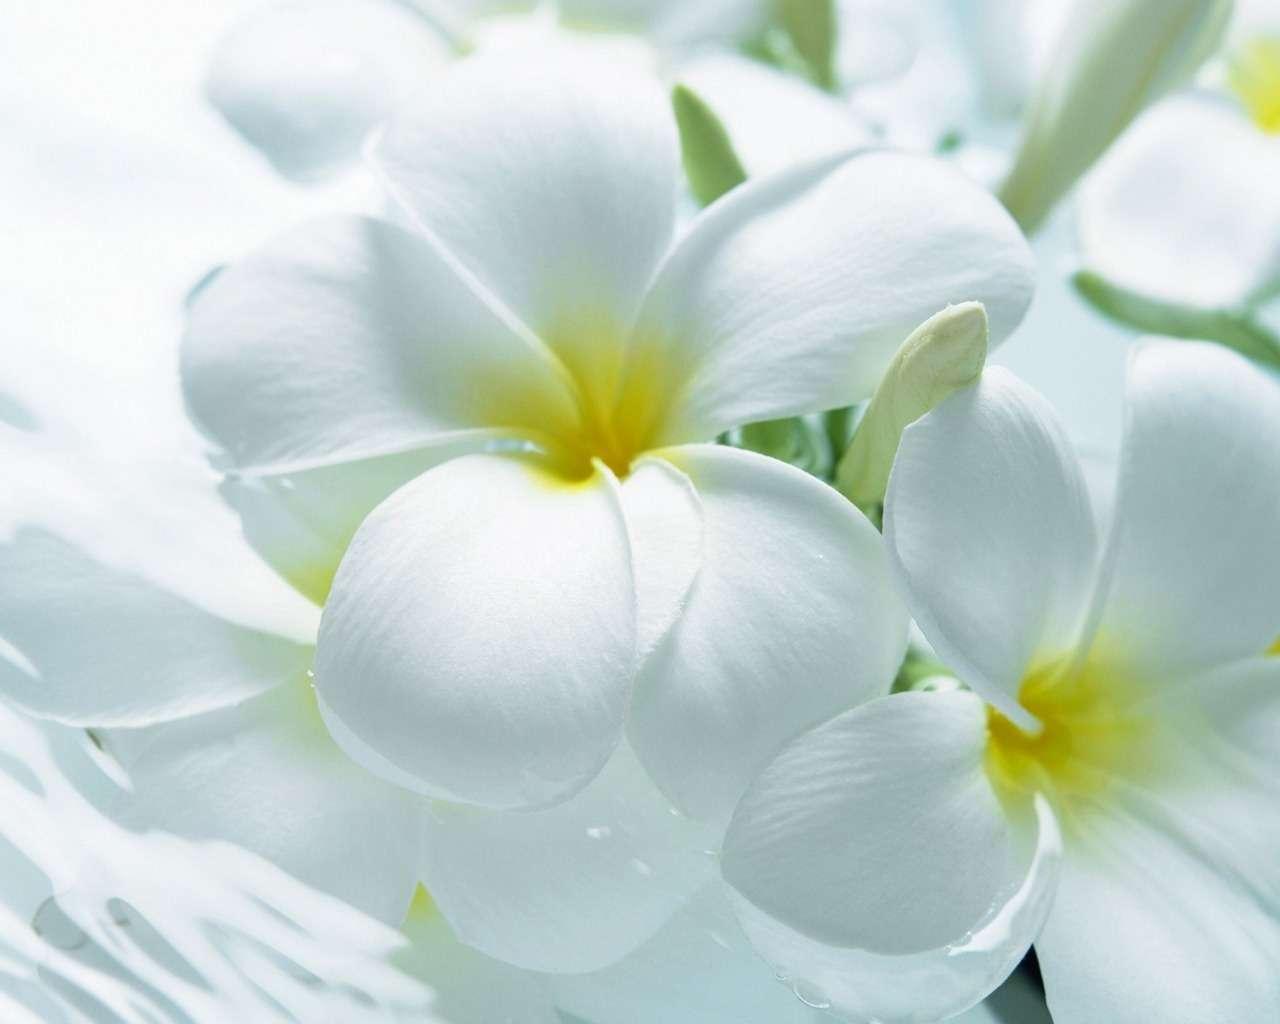 بالصور خلفيات زهور , خلفيات زهور للهواتف واجهزة الكمبيوتر 2903 4